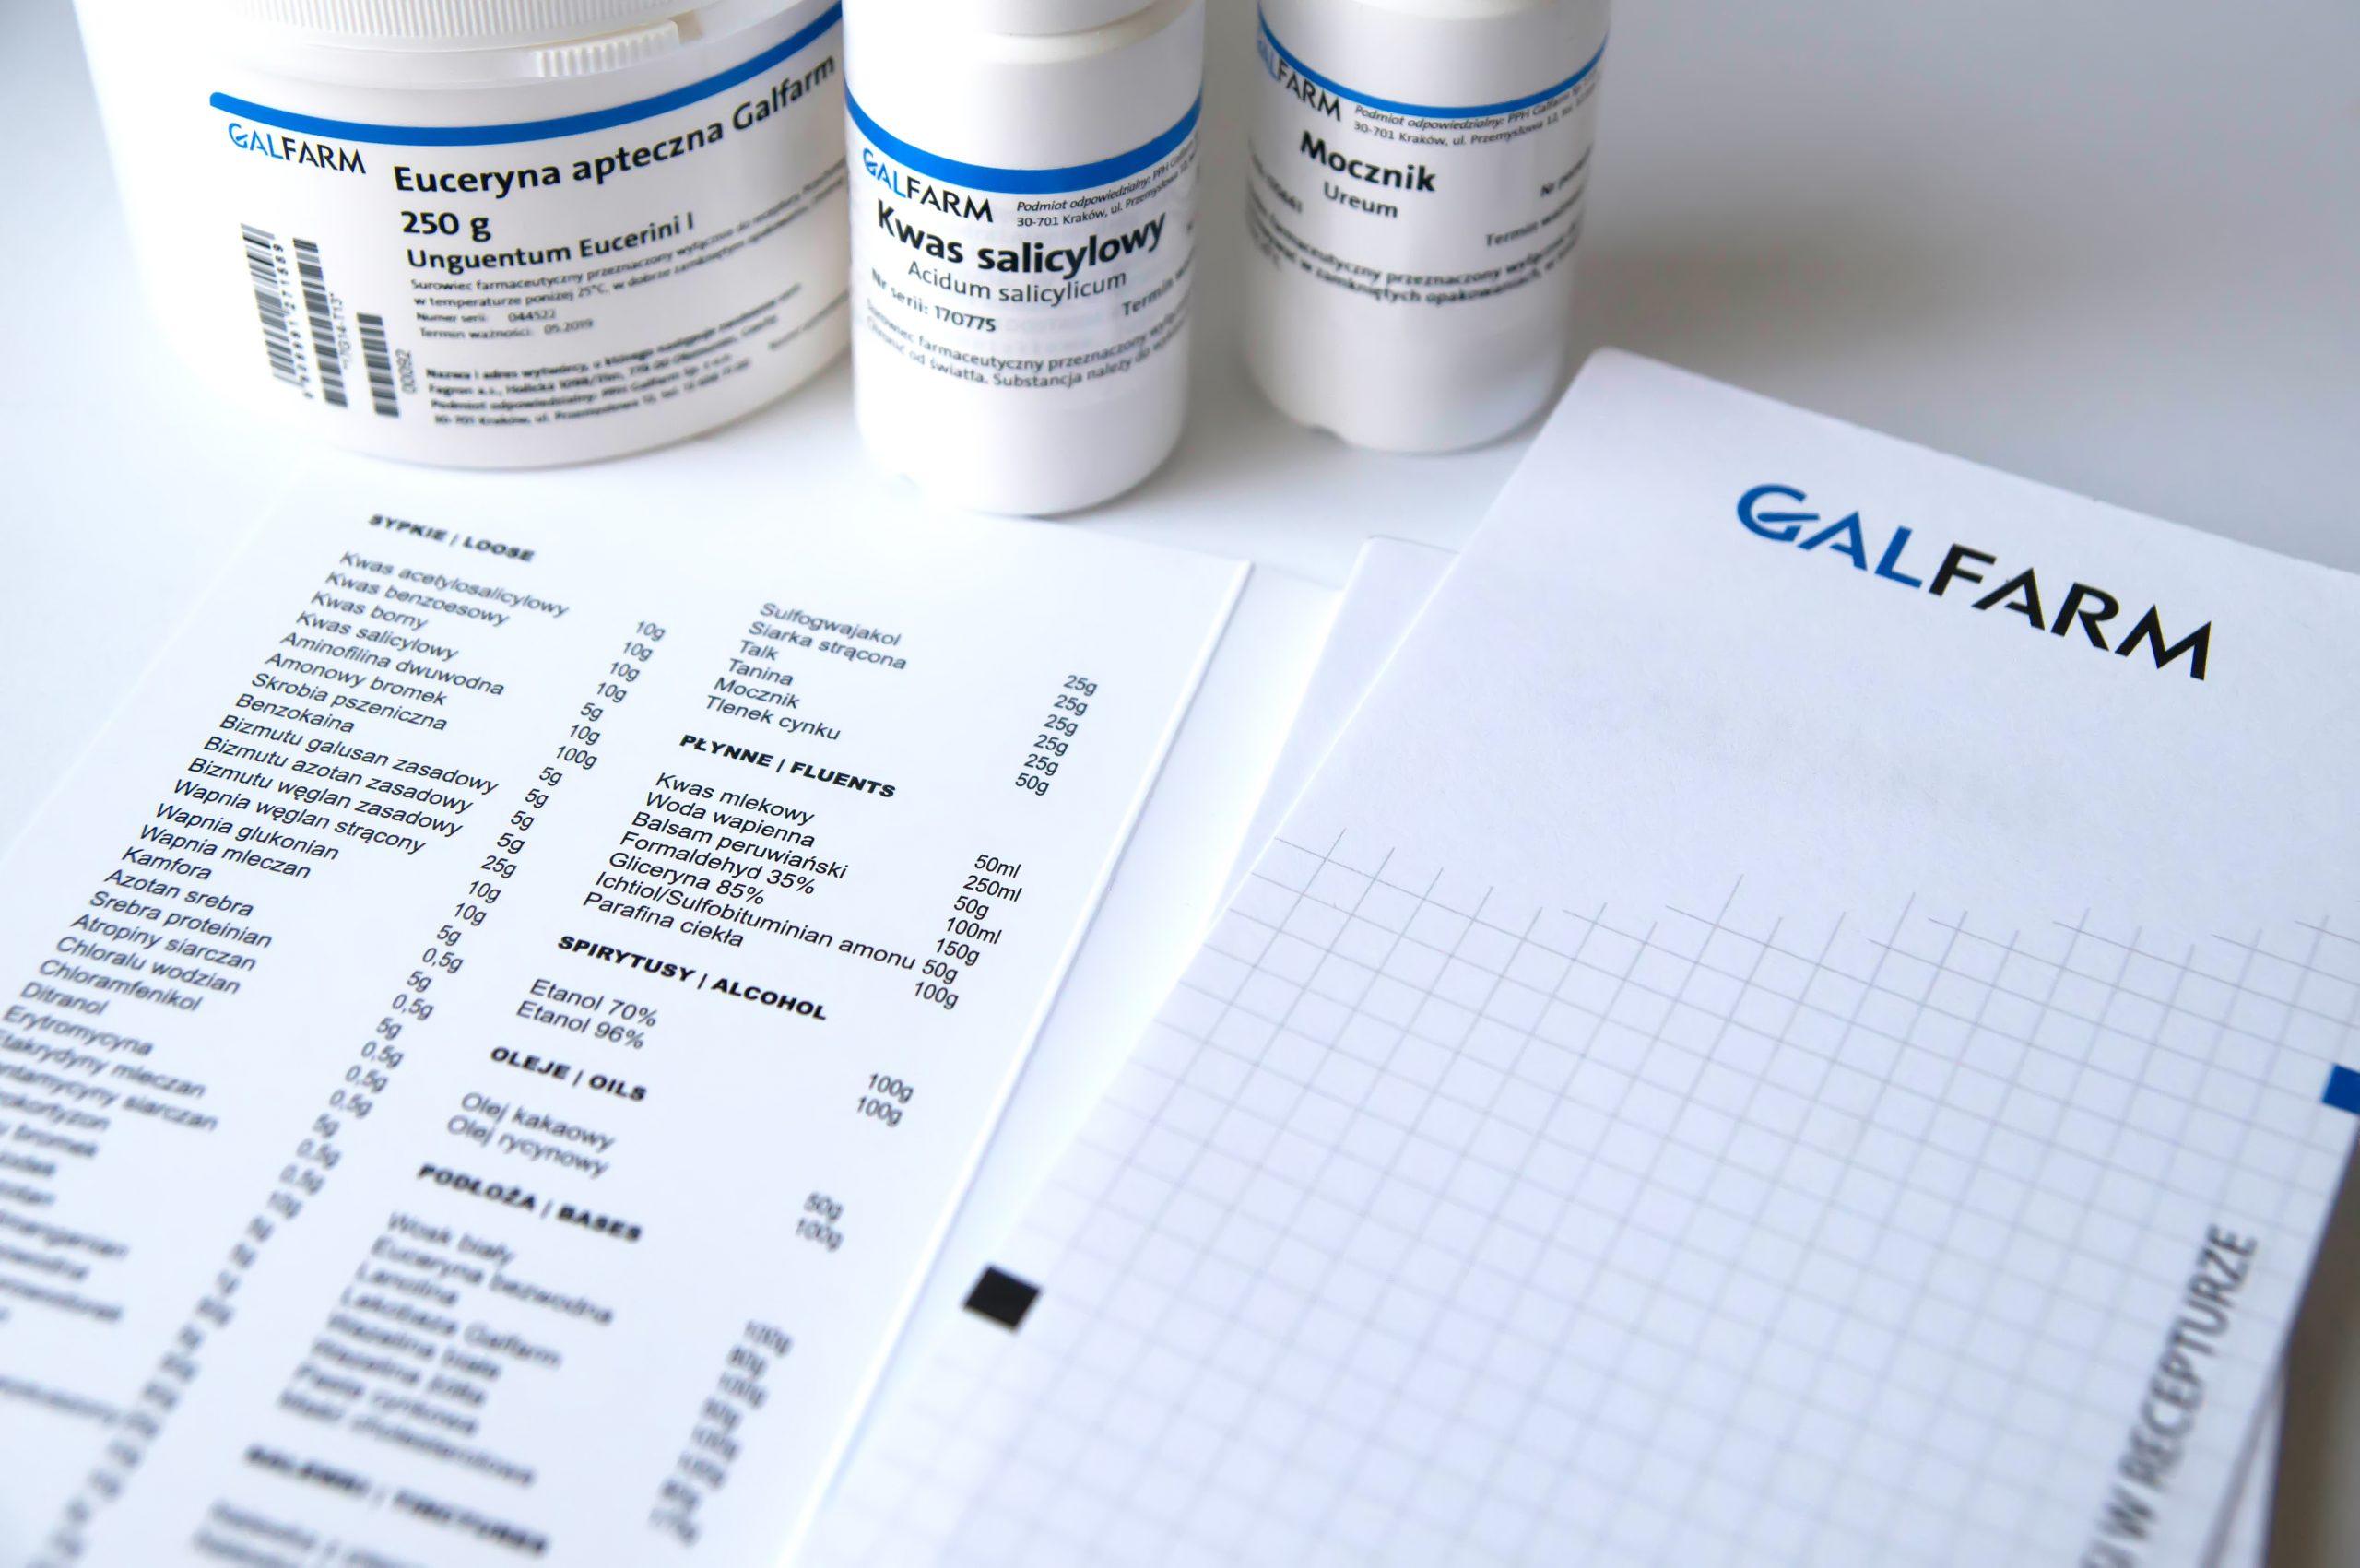 Pewne właściwości rezorcynolu wykazują: kwas askorbowy, palmitynian askorbylu, siarka, kwas mlekowy, kwas salicylowy czy kwas cytrynowy (fot. Redakcja receptura.pl).